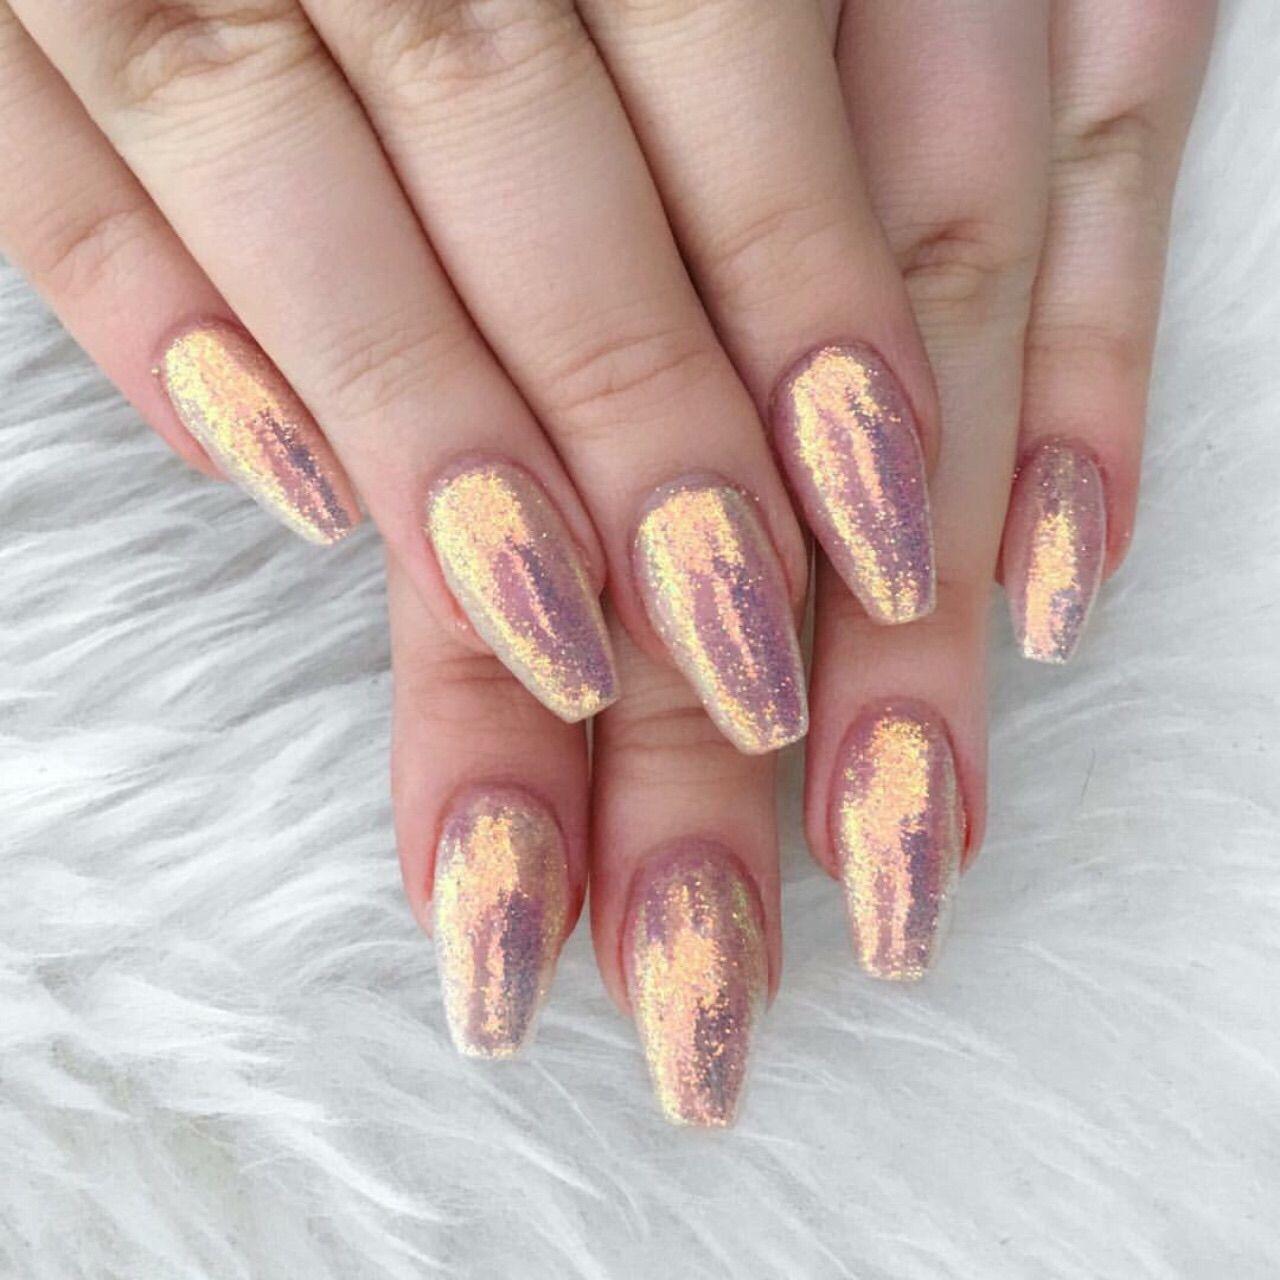 Iridescent glitter nails   Nails   Pinterest   Glitter nails ...